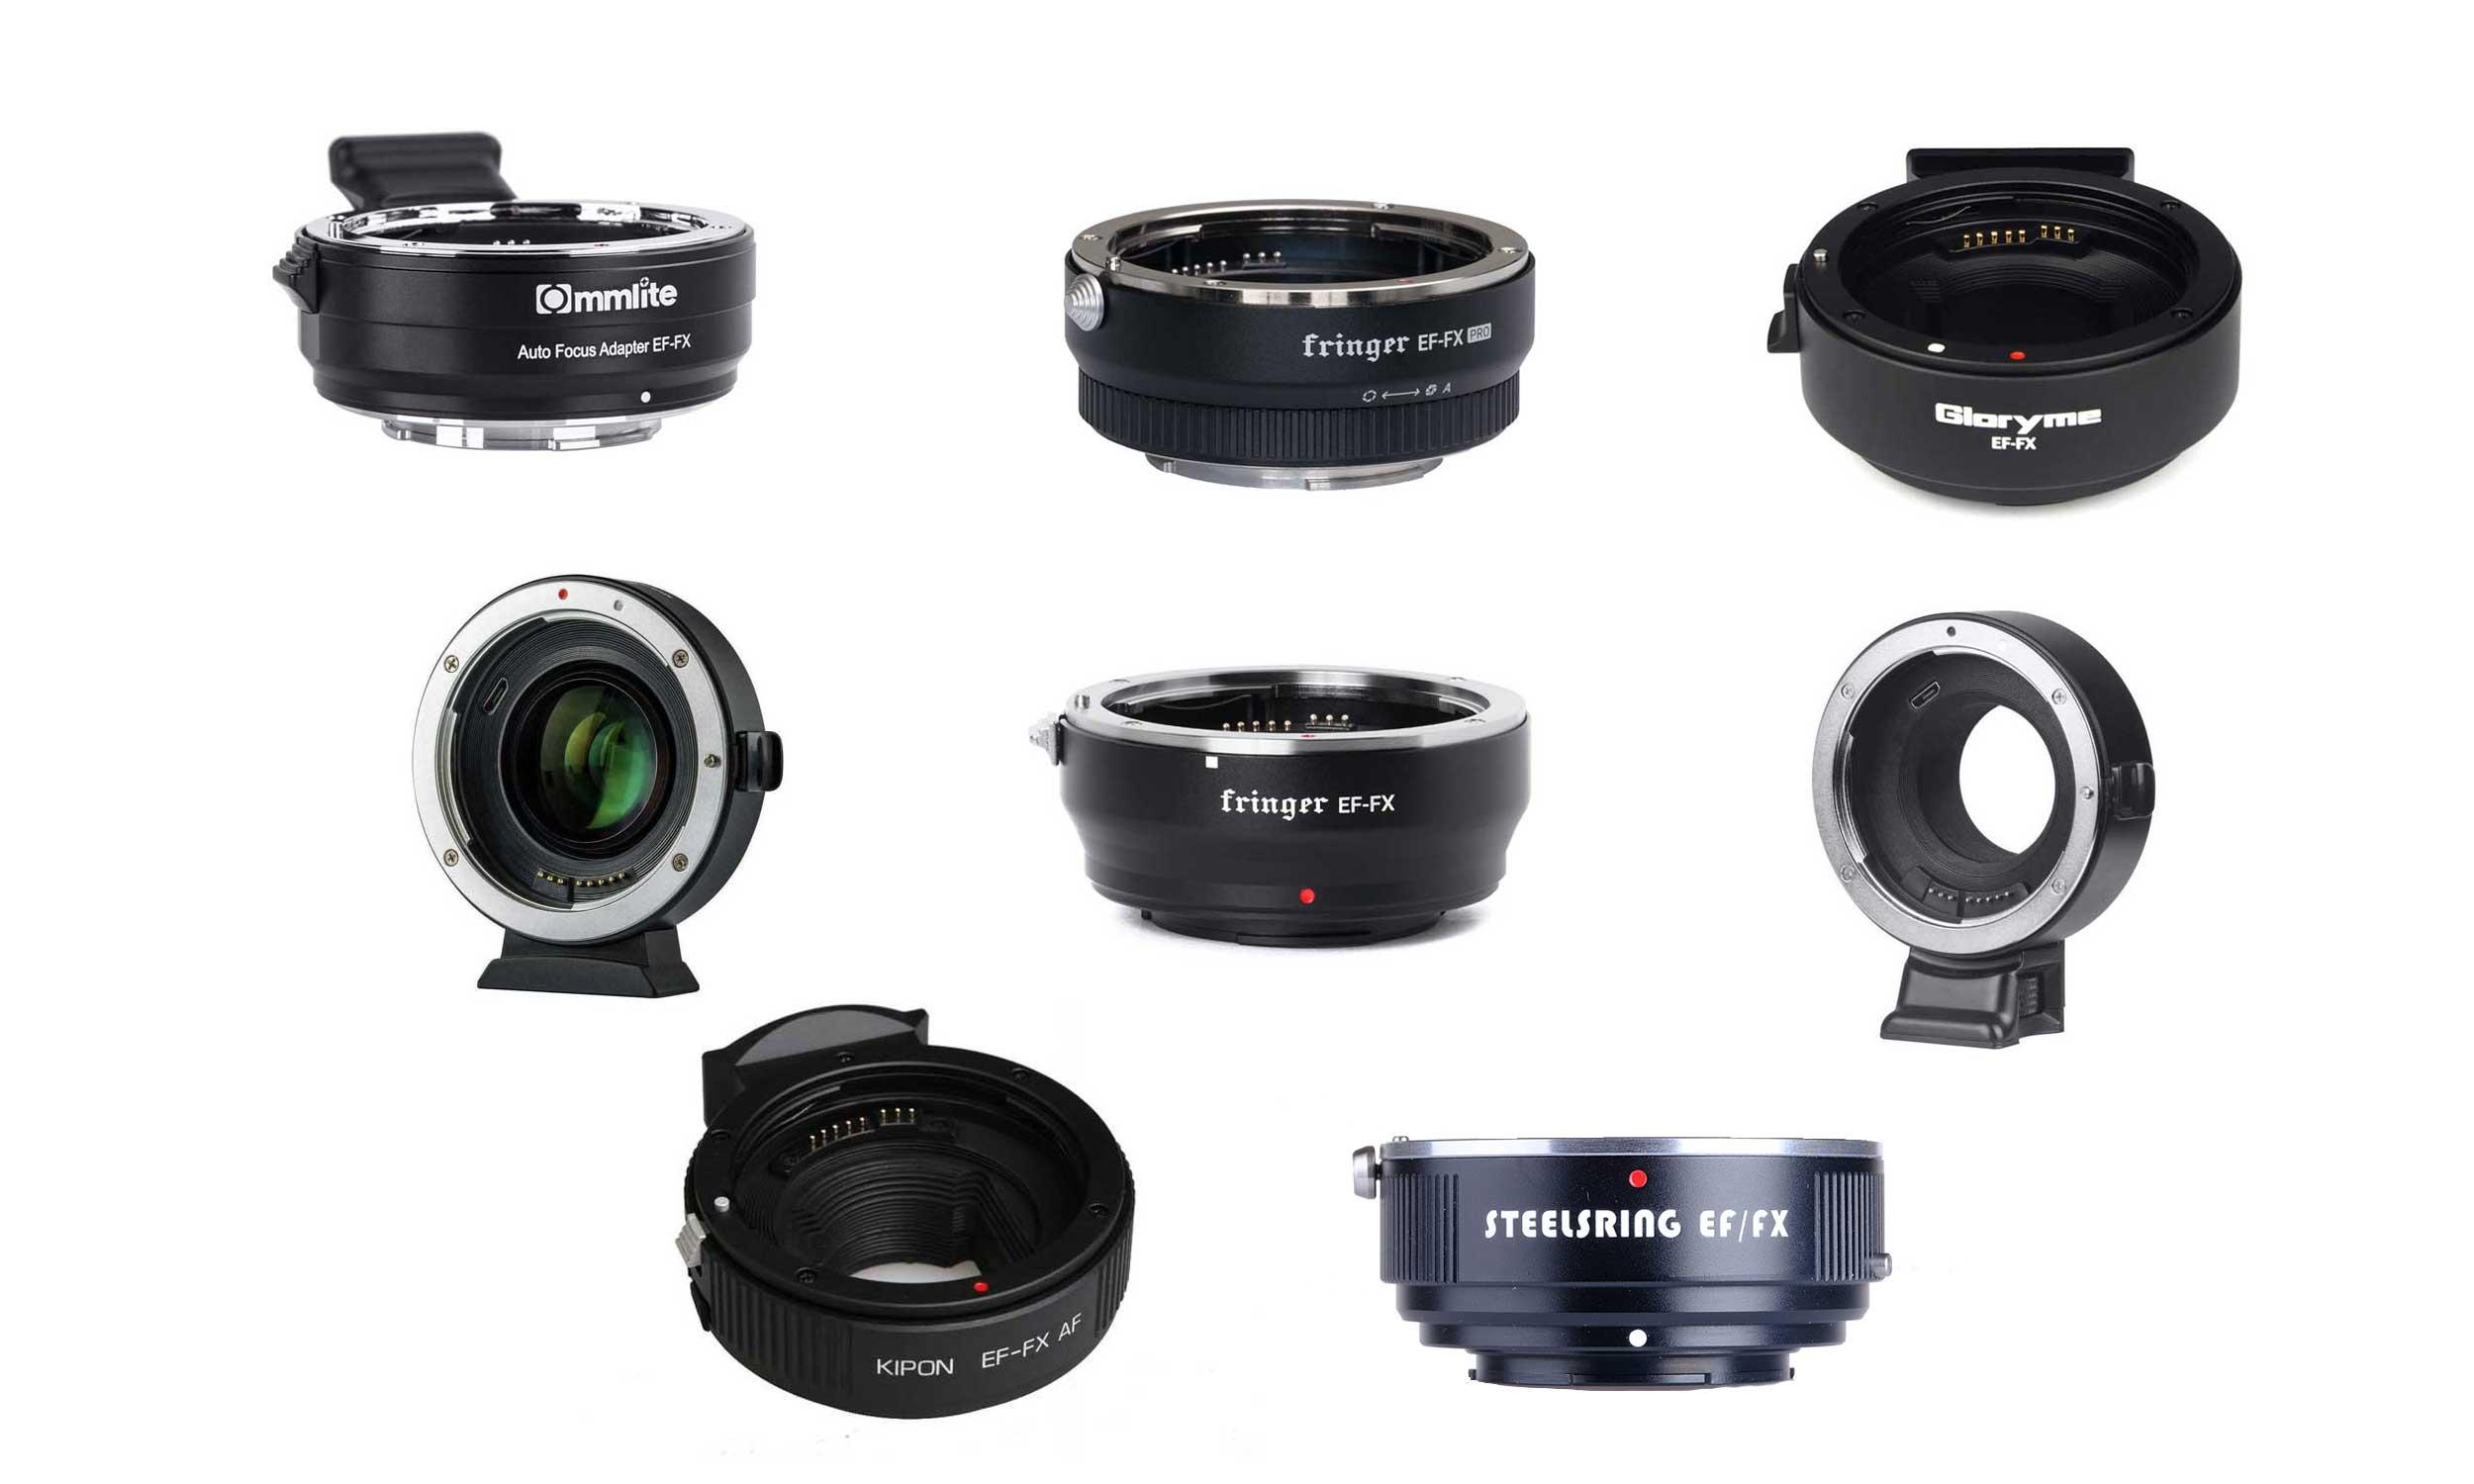 Optiques Canon sur boîtier Fuji X : quelle bague d'adaptation ?